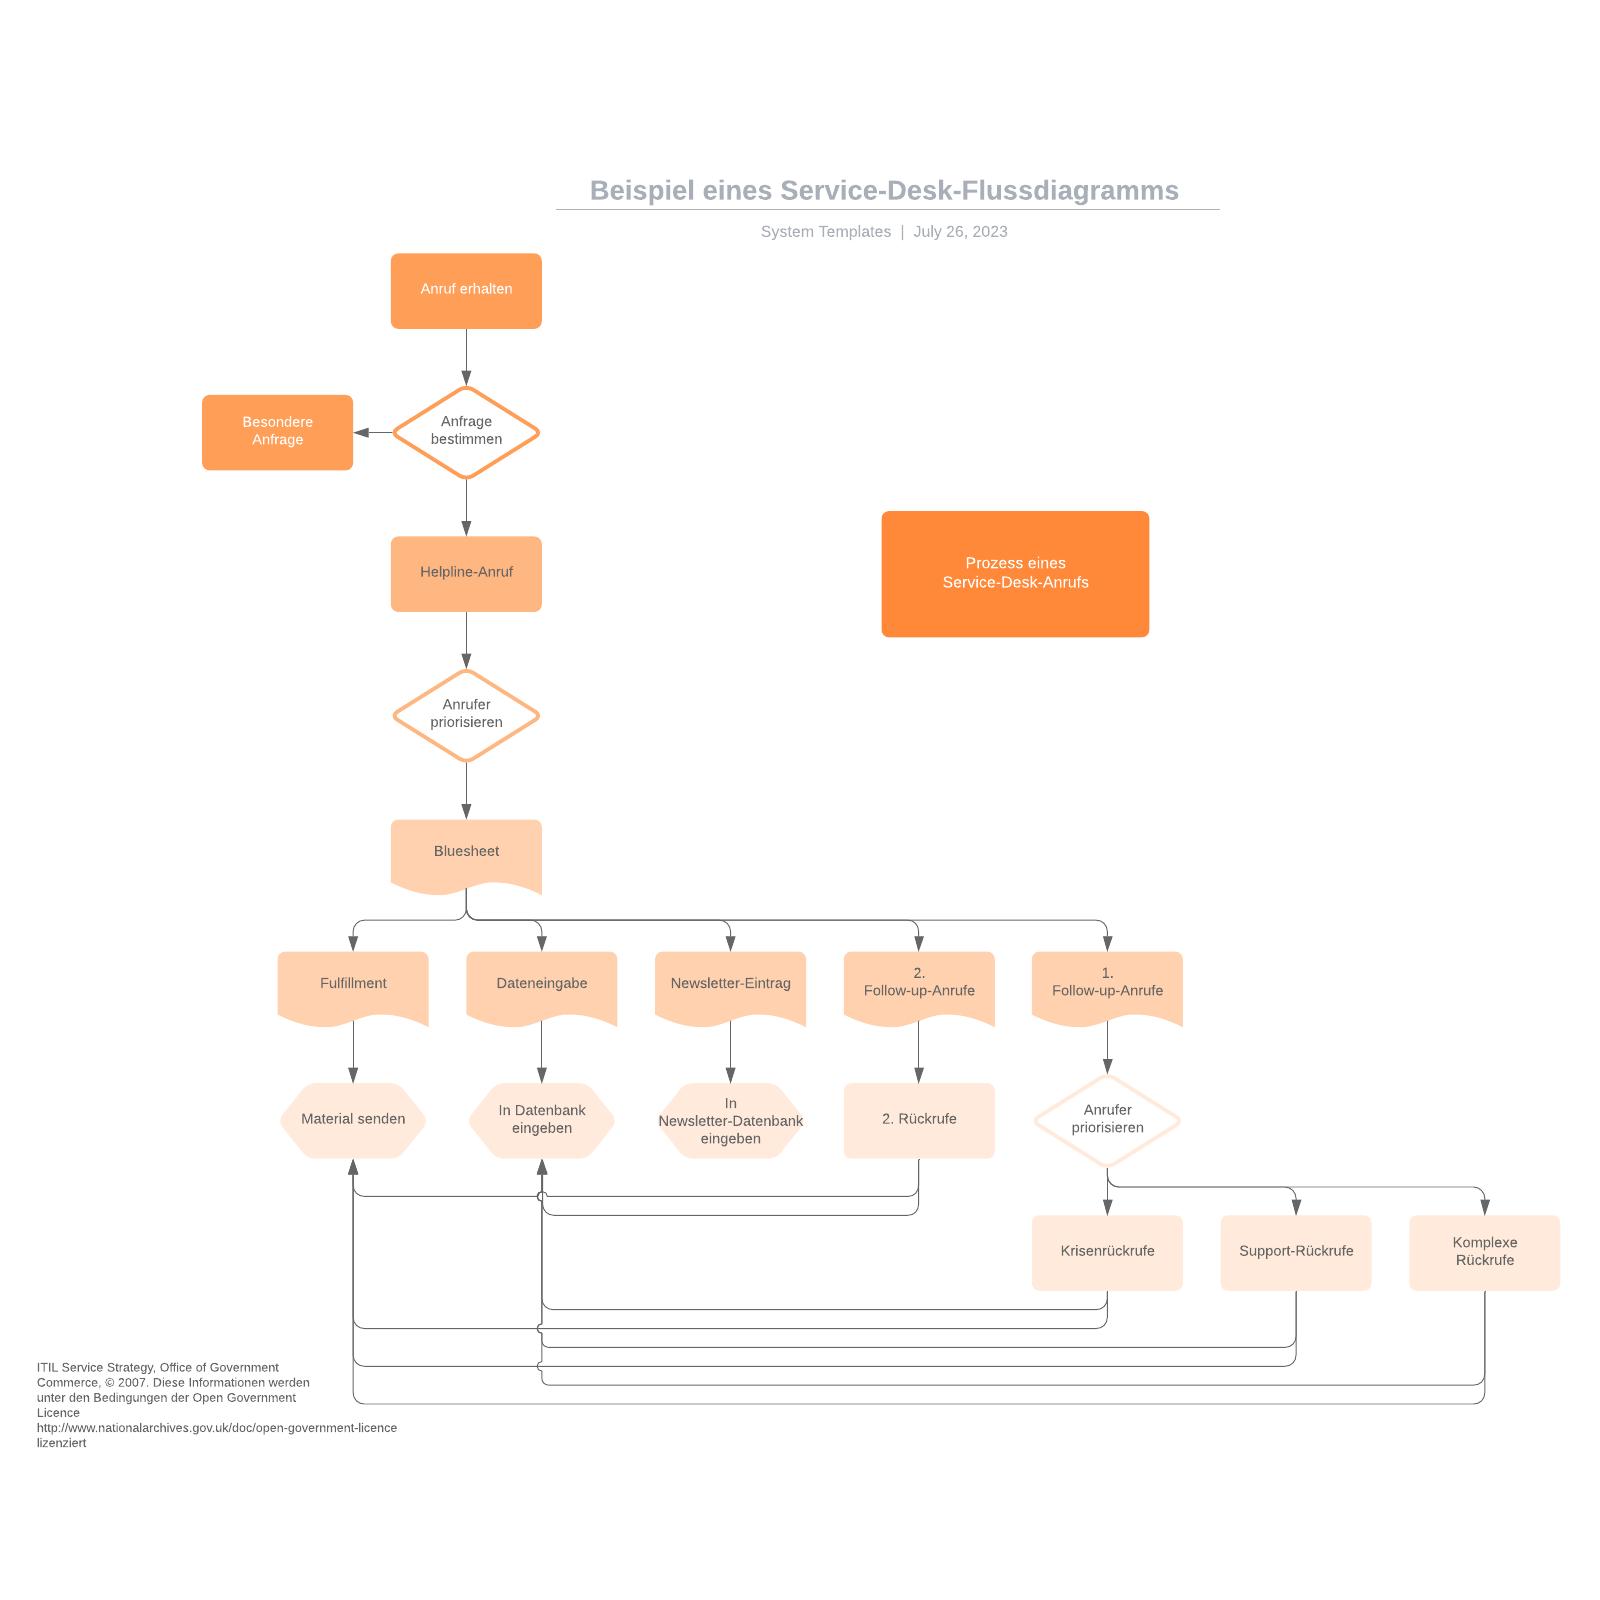 Service-Desk-Flussdiagramm - Beispiel